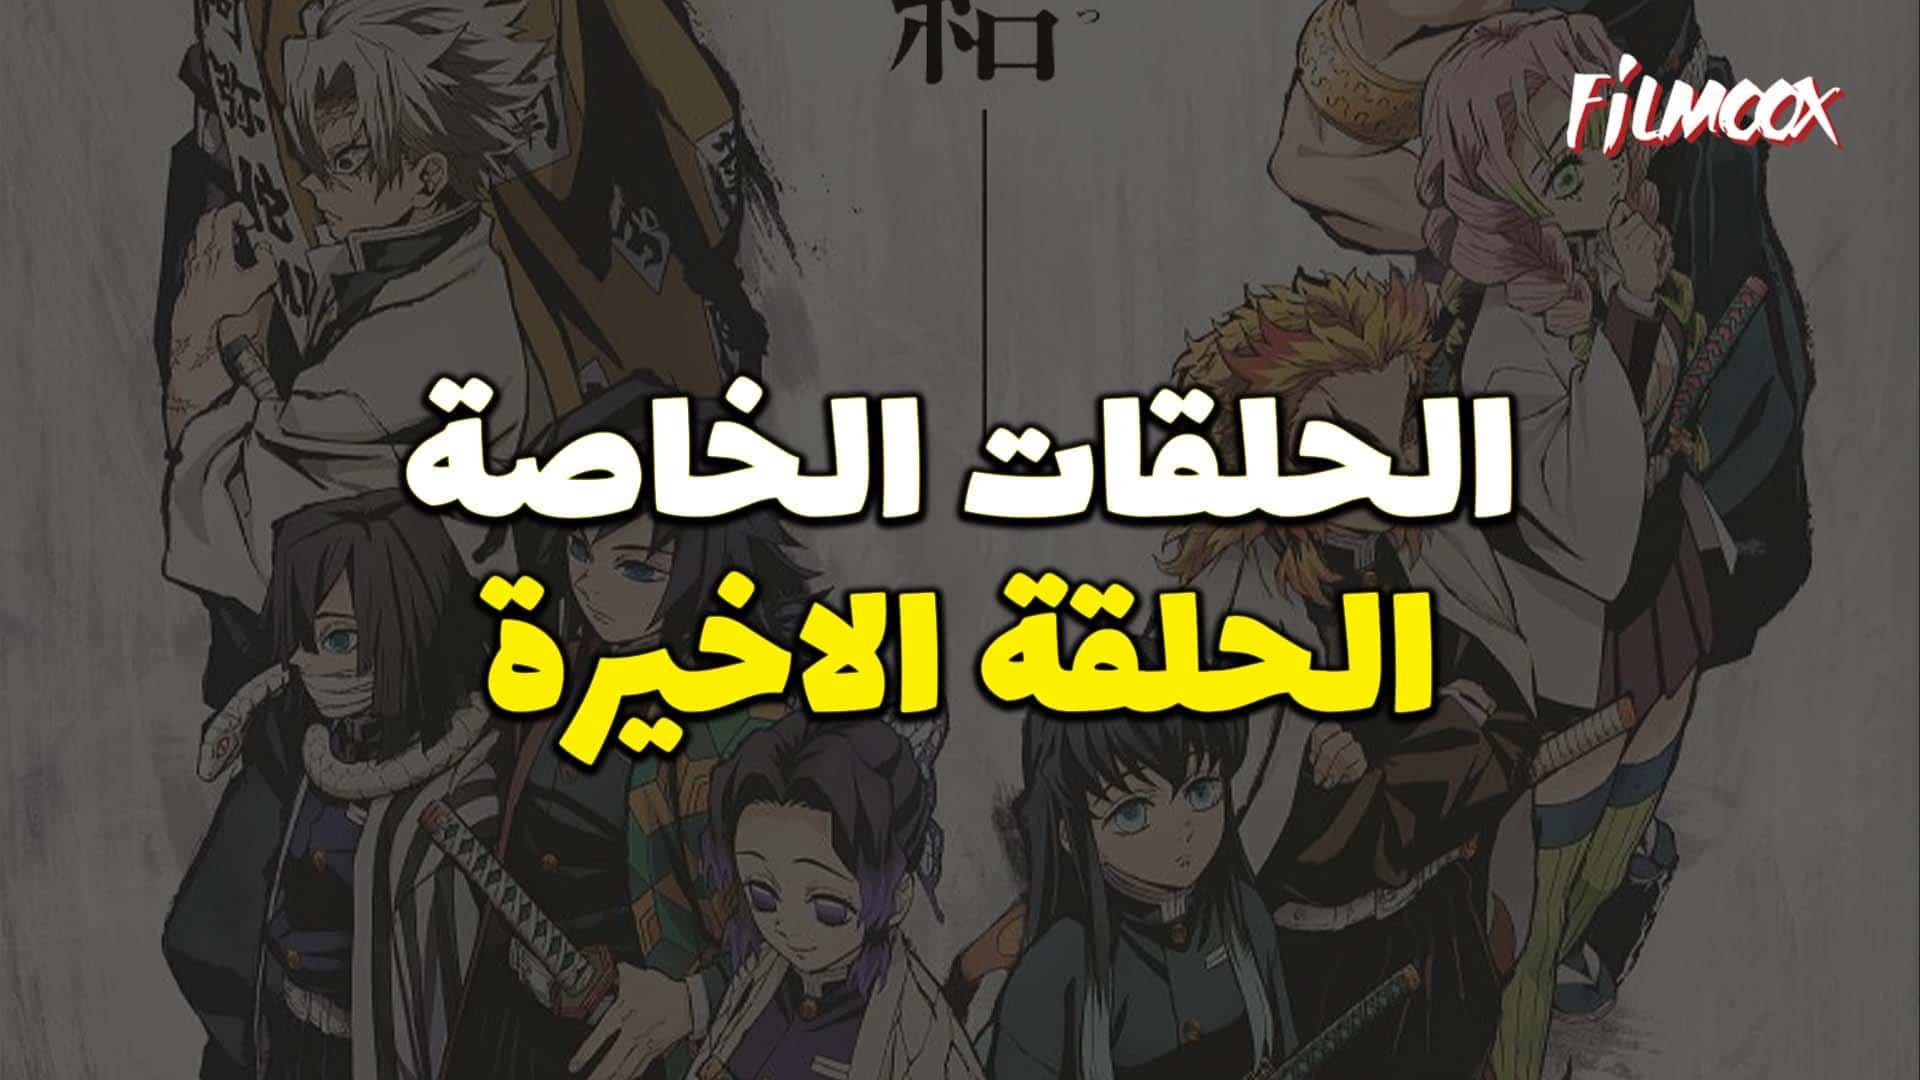 انمي قاتل الشياطين الموسم الاول الحلقة الخاصة 5 مترجم